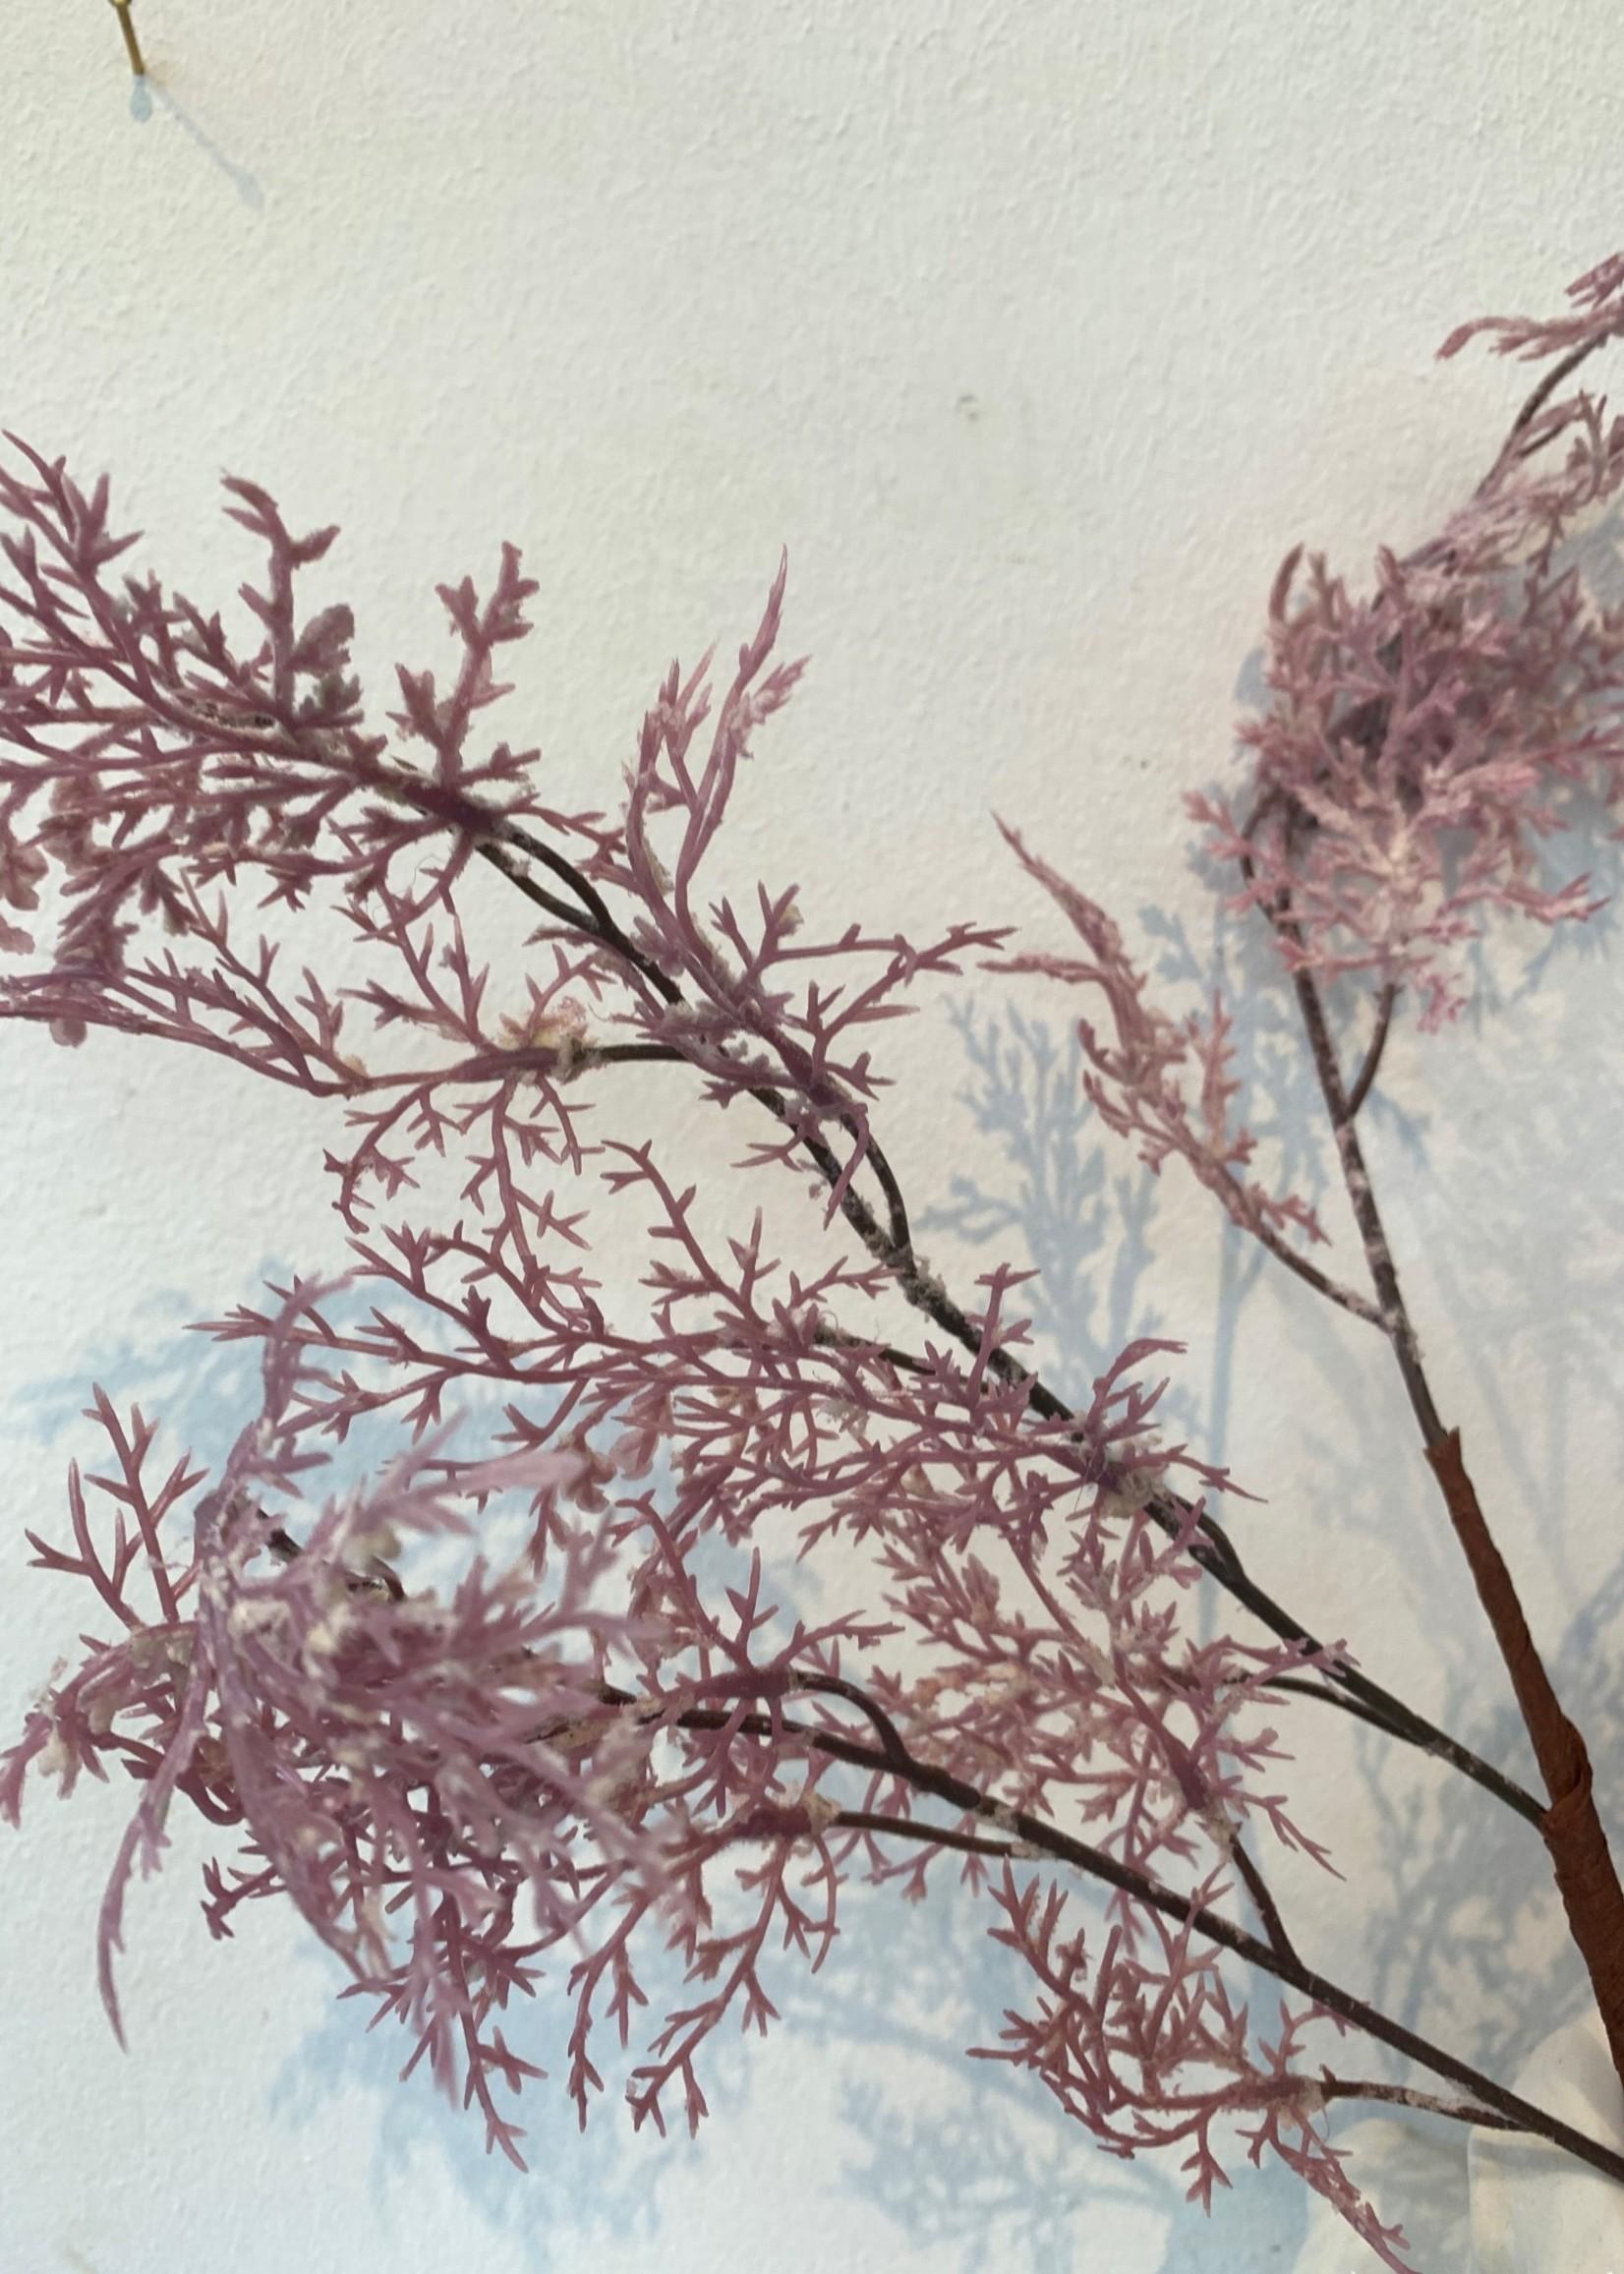 MICA Zijden bloemen DROOG boeket CEDER roze